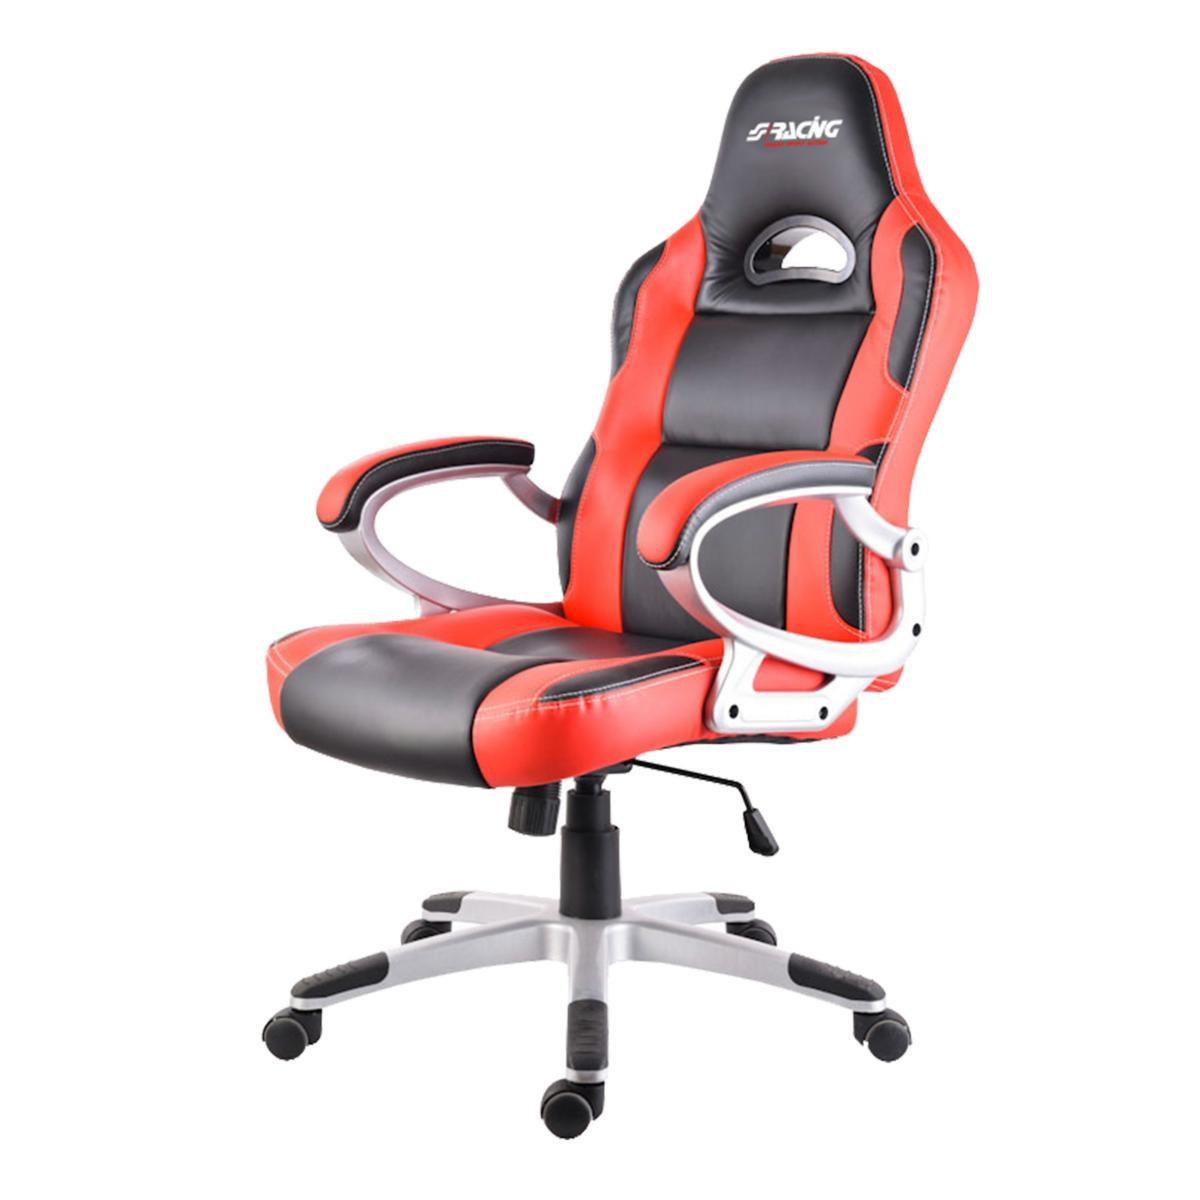 Poltrona ufficio red gaming office chair sedili simoni for Poltrona ufficio